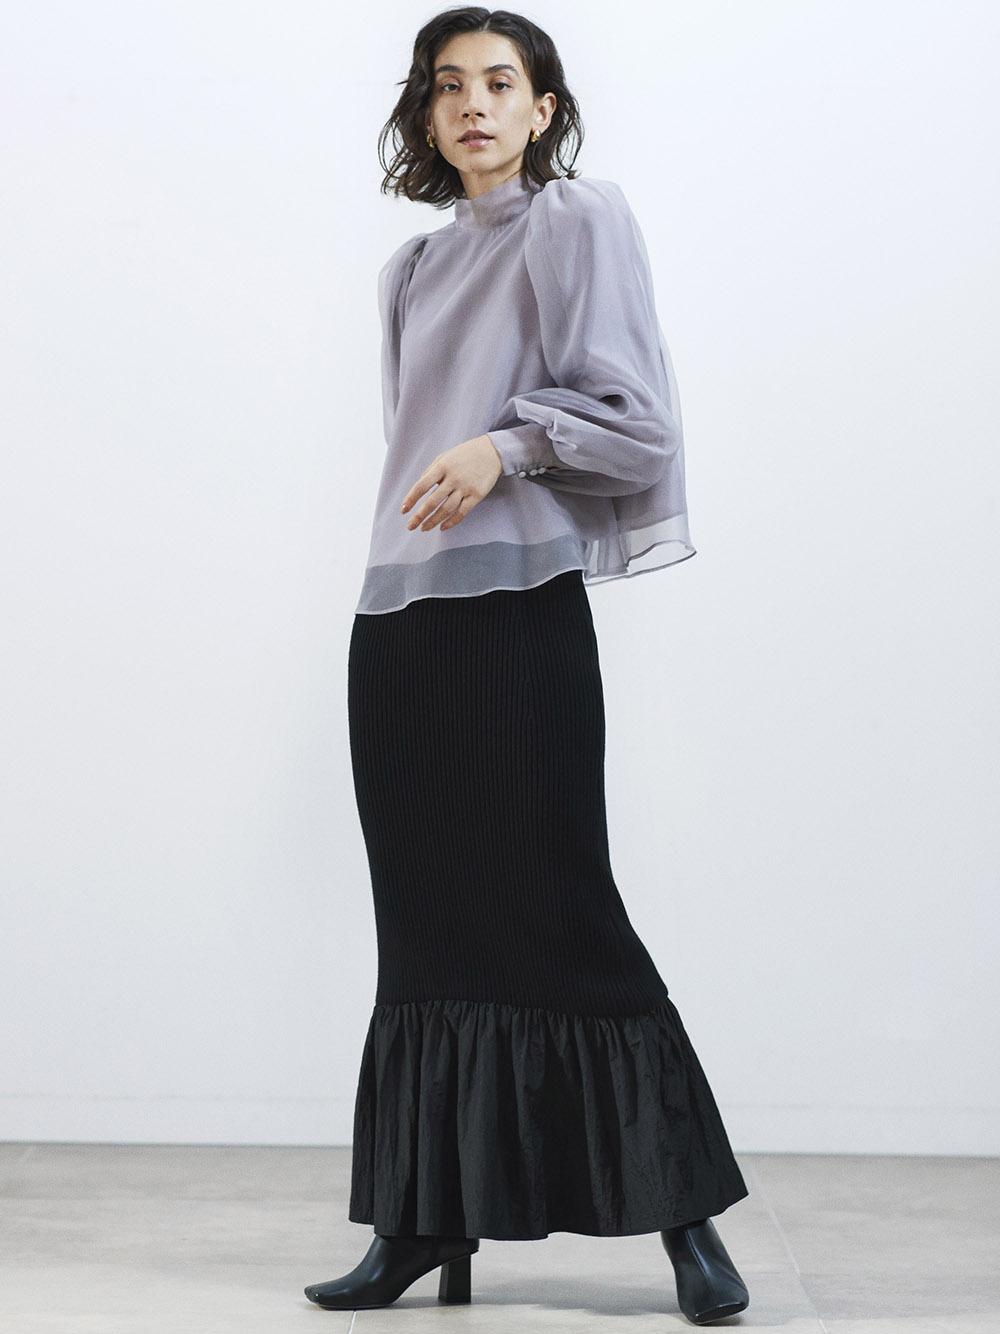 ヘムギャザードッキングスカート(BLK-F)